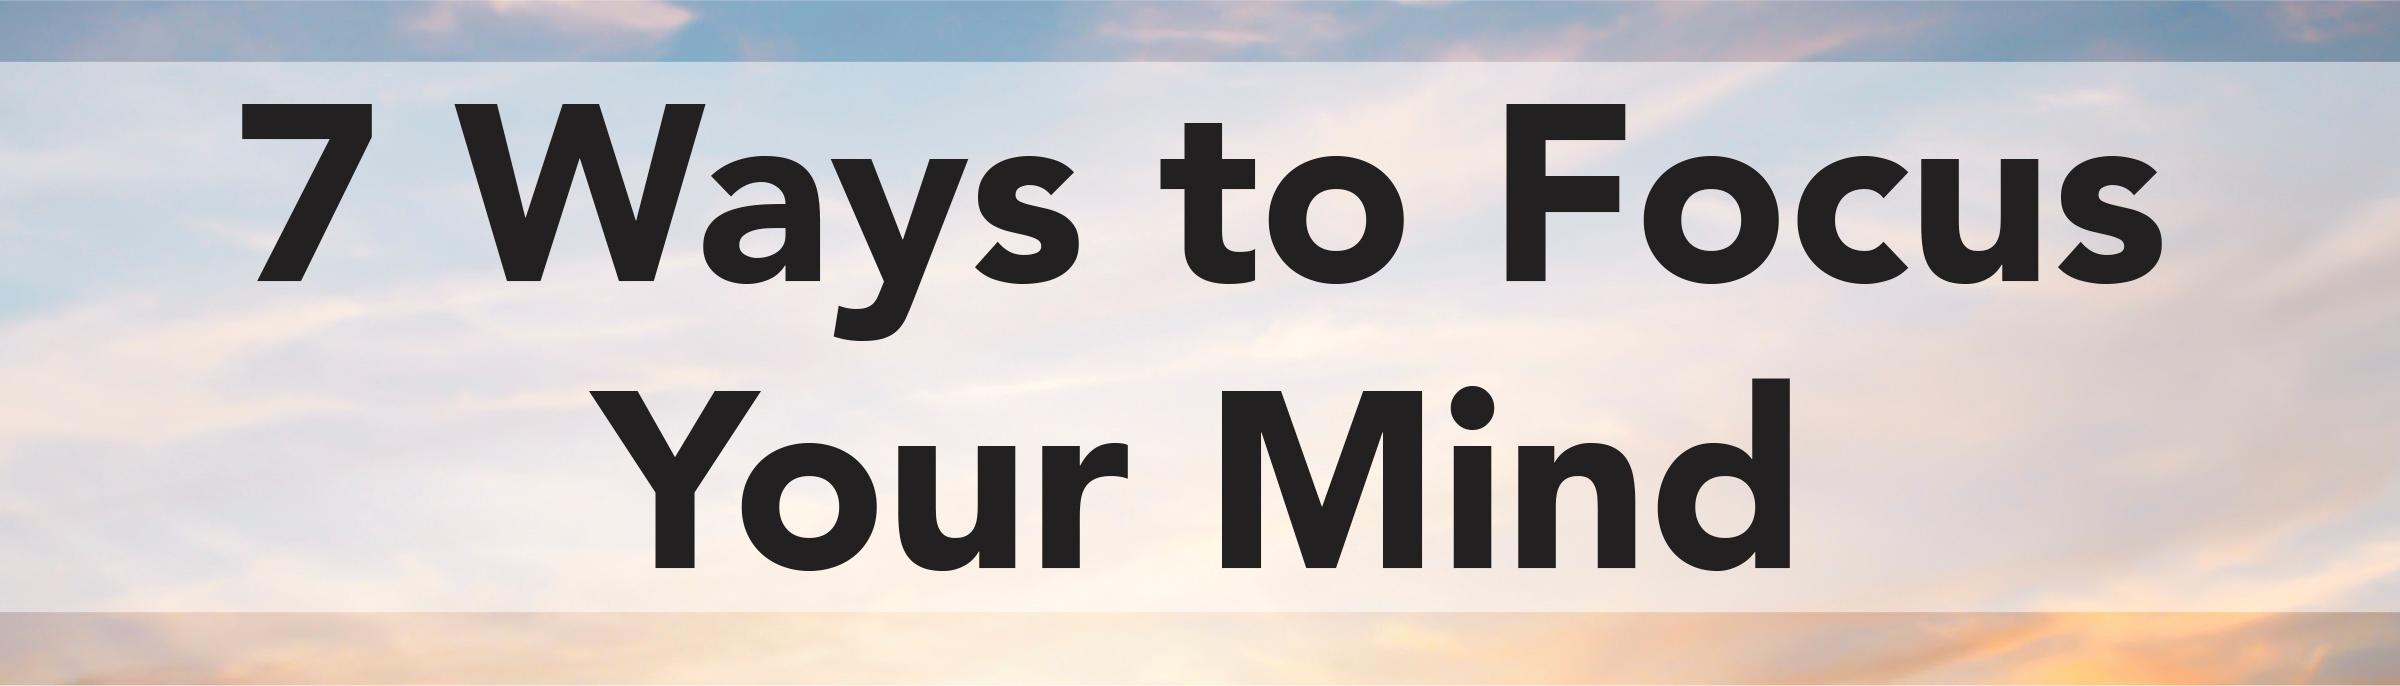 7 ways to focus your mind jjc joliet junior college banner